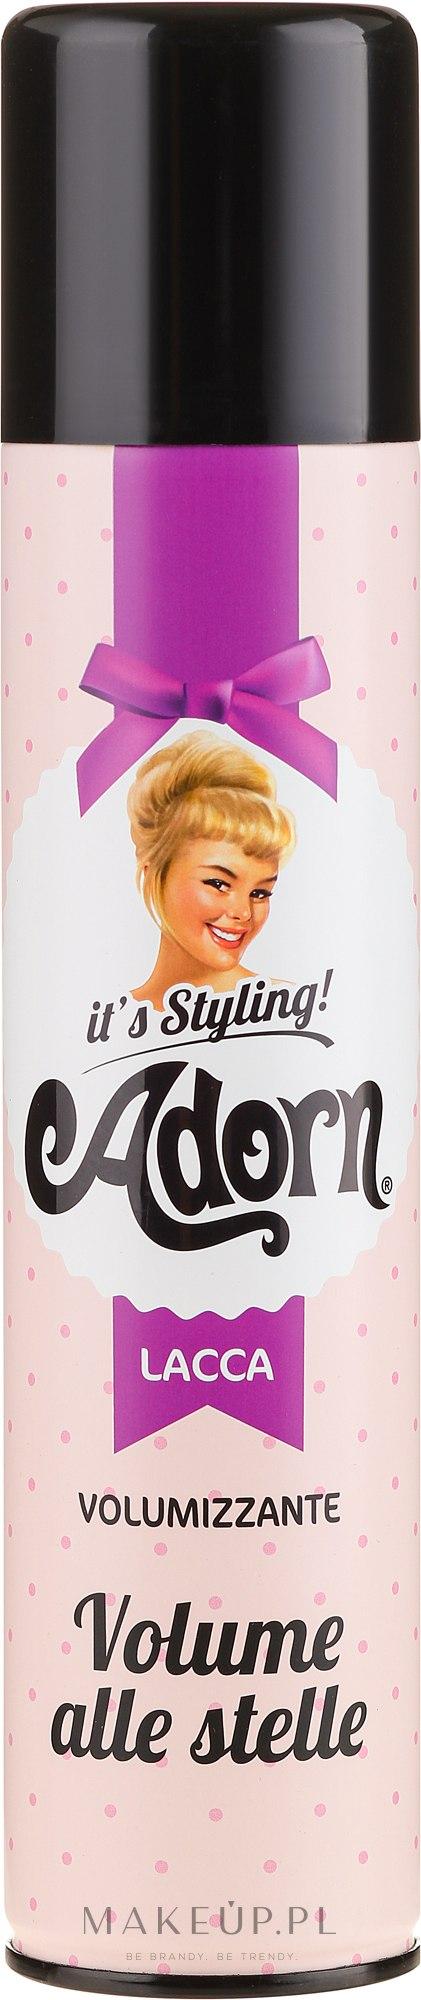 Lakier dodający włosom objętości - Adorn It's Styling Volumizing Hair Spray — фото 250 ml